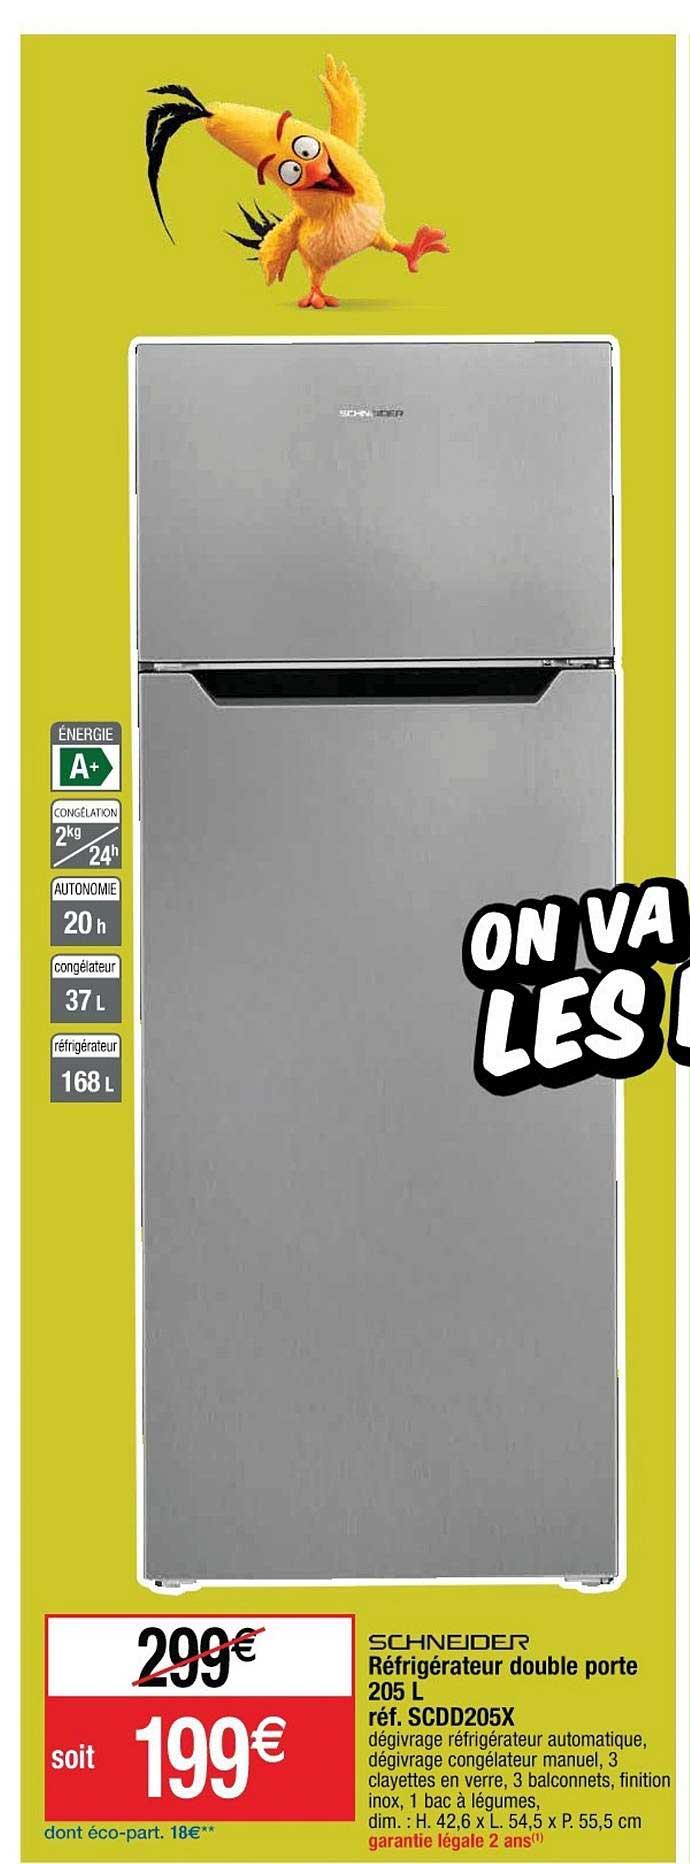 Cora Réfrigérateur Double Porte 205 L Schneider Réf. Scdd205x